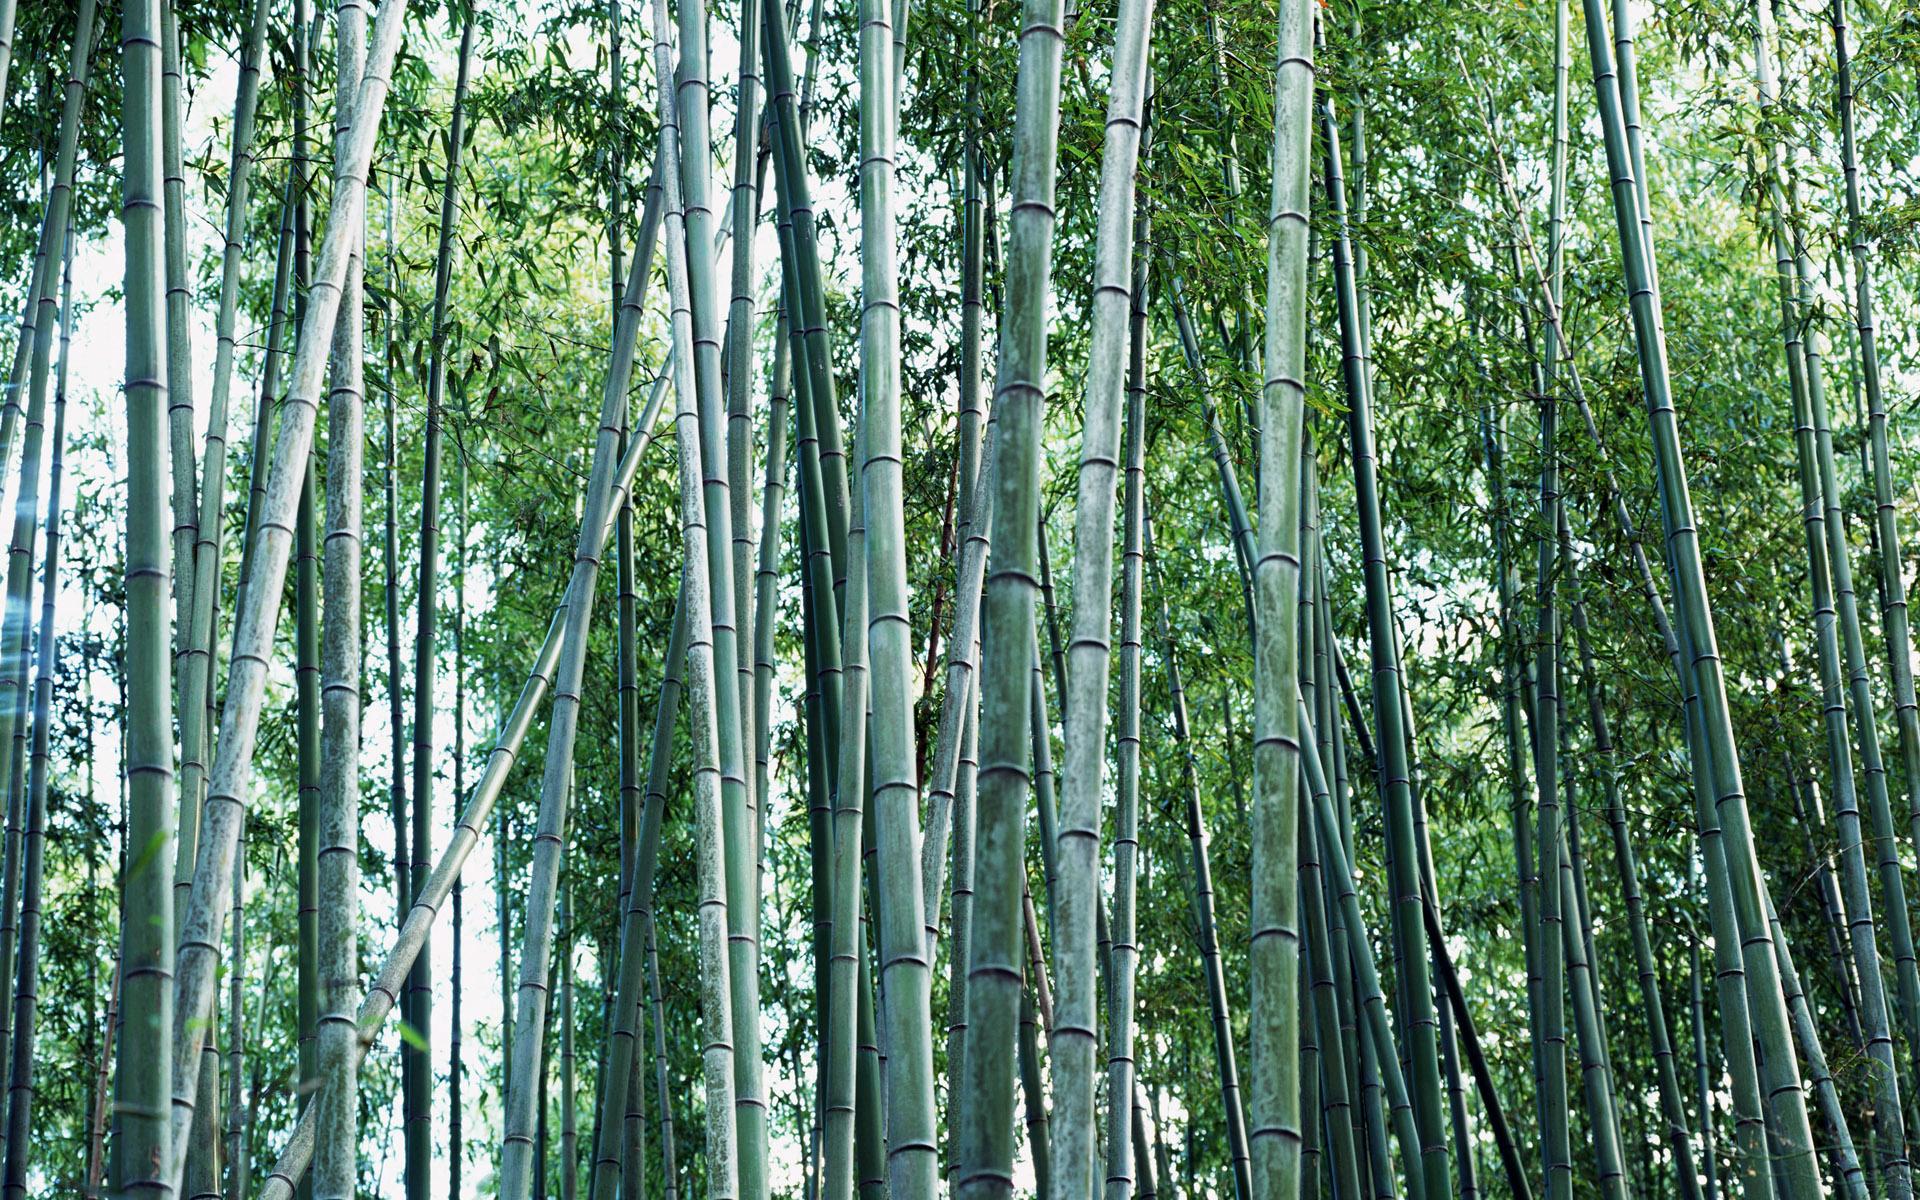 壁纸1920×1200绿色竹情壁纸壁纸 绿色竹情壁纸壁纸图片植物壁纸植物图片素材桌面壁纸